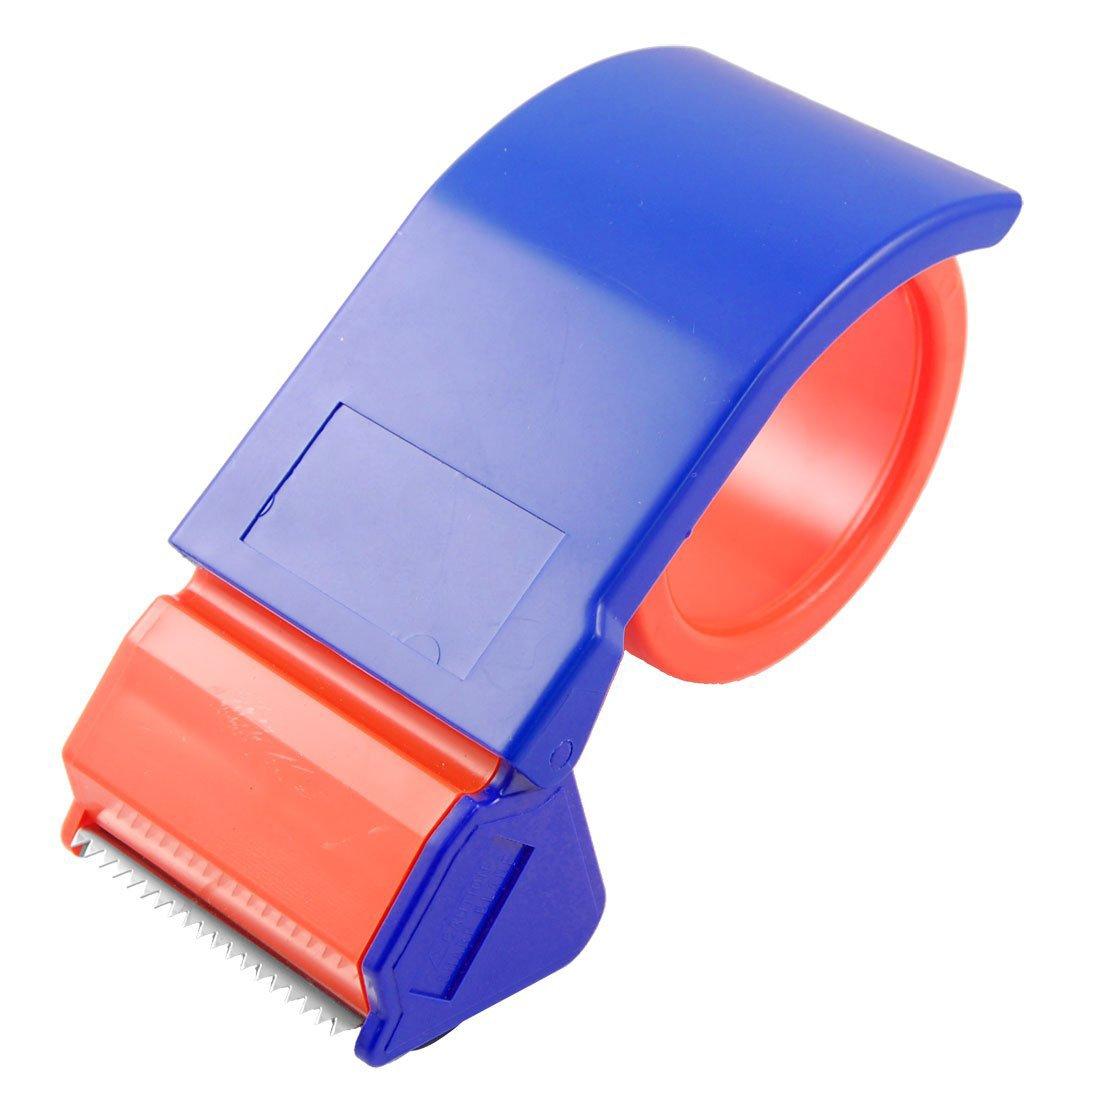 Dispenser per nastro da imballaggio con taglierino, in plastica, per nastri di 5,1cm di larghezza SourcingMap